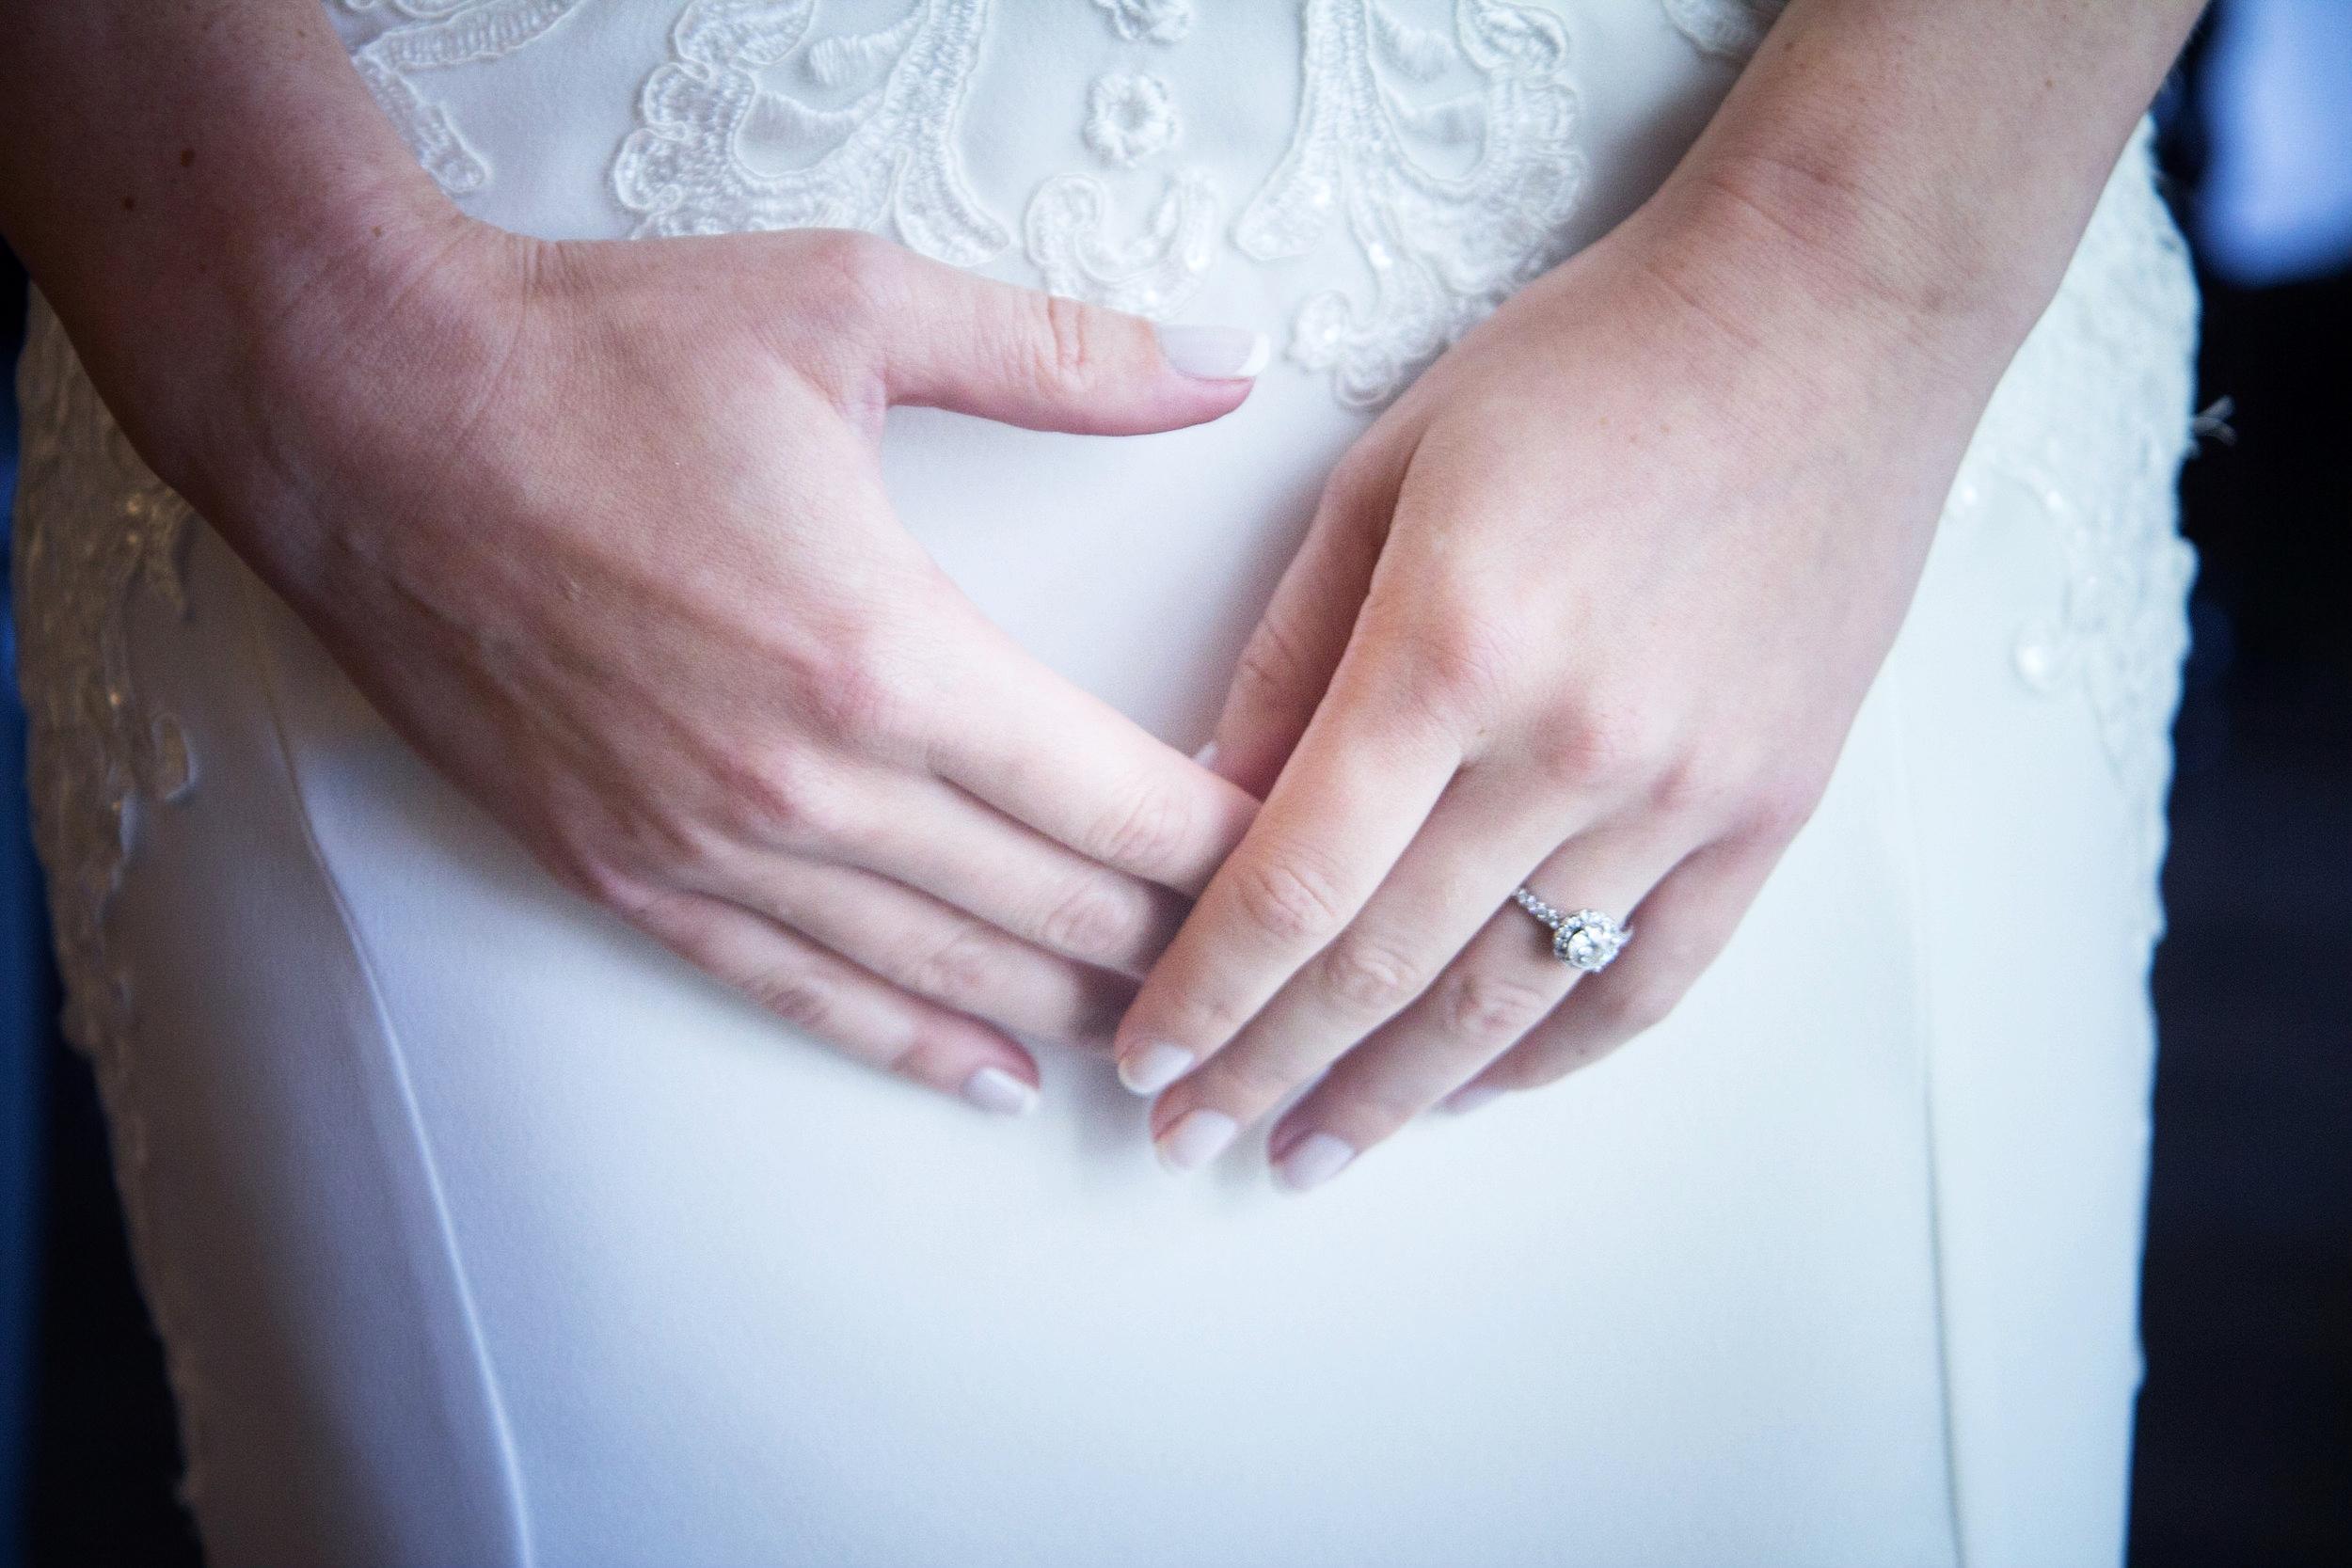 Brides Hands On Wedding Day.jpg